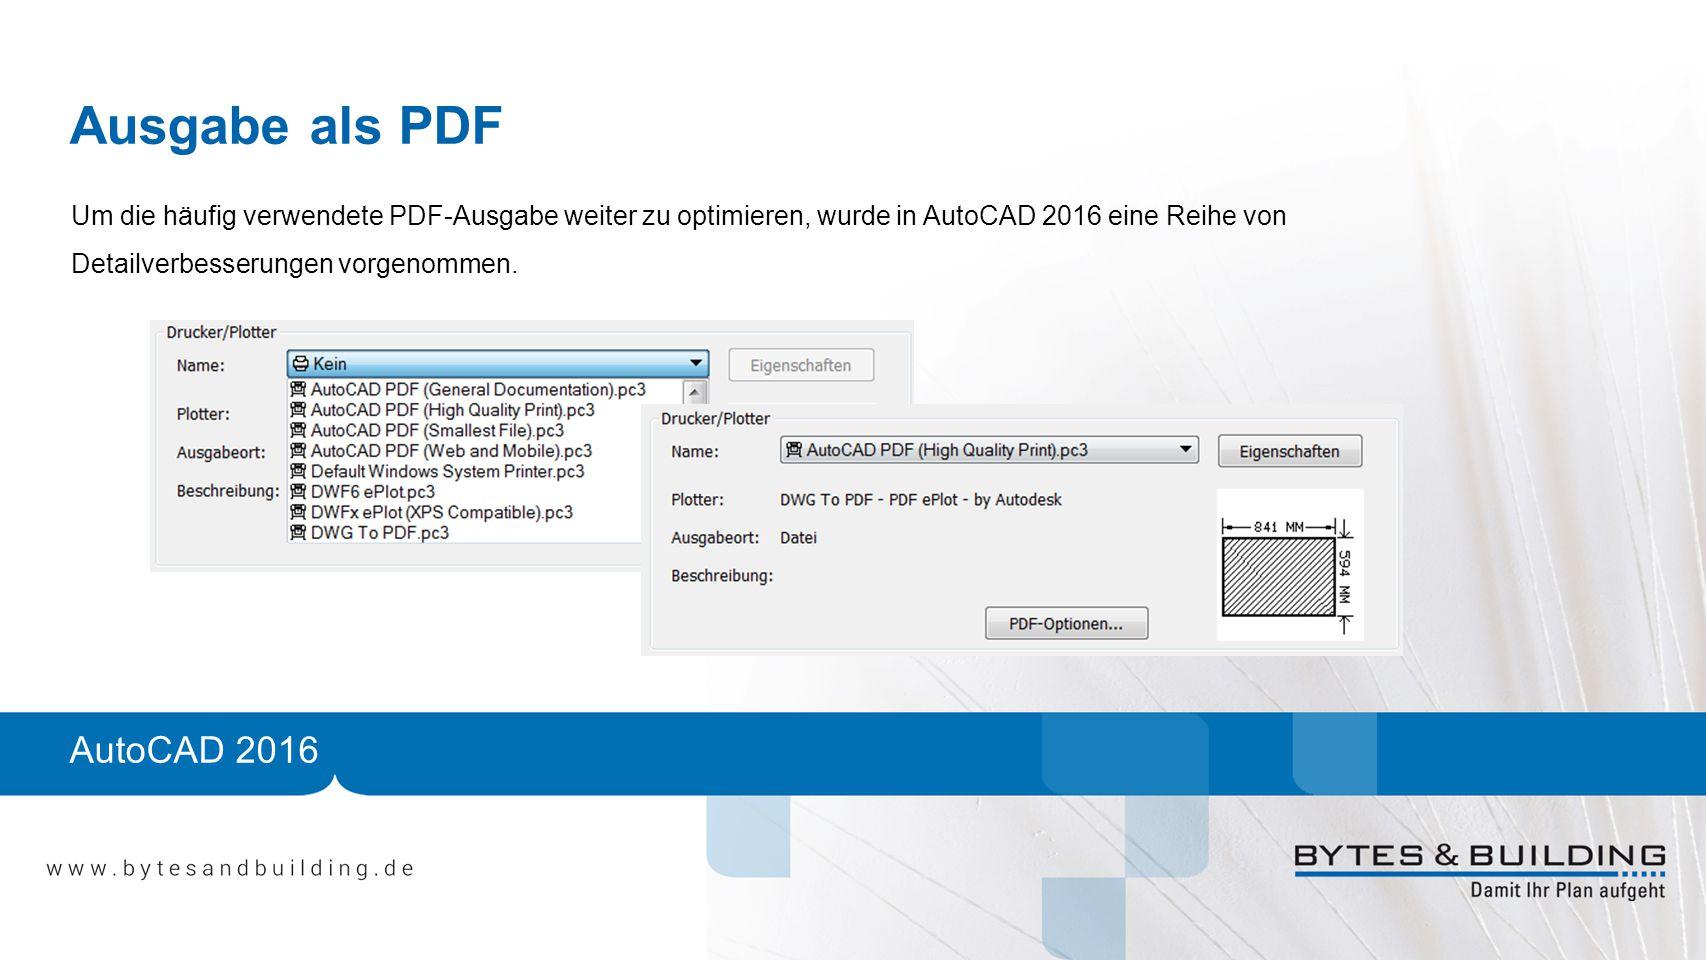 AutoCAD 2016 Ausgabe als PDF Um die häufig verwendete PDF-Ausgabe weiter zu optimieren, wurde in AutoCAD 2016 eine Reihe von Detailverbesserungen vorg